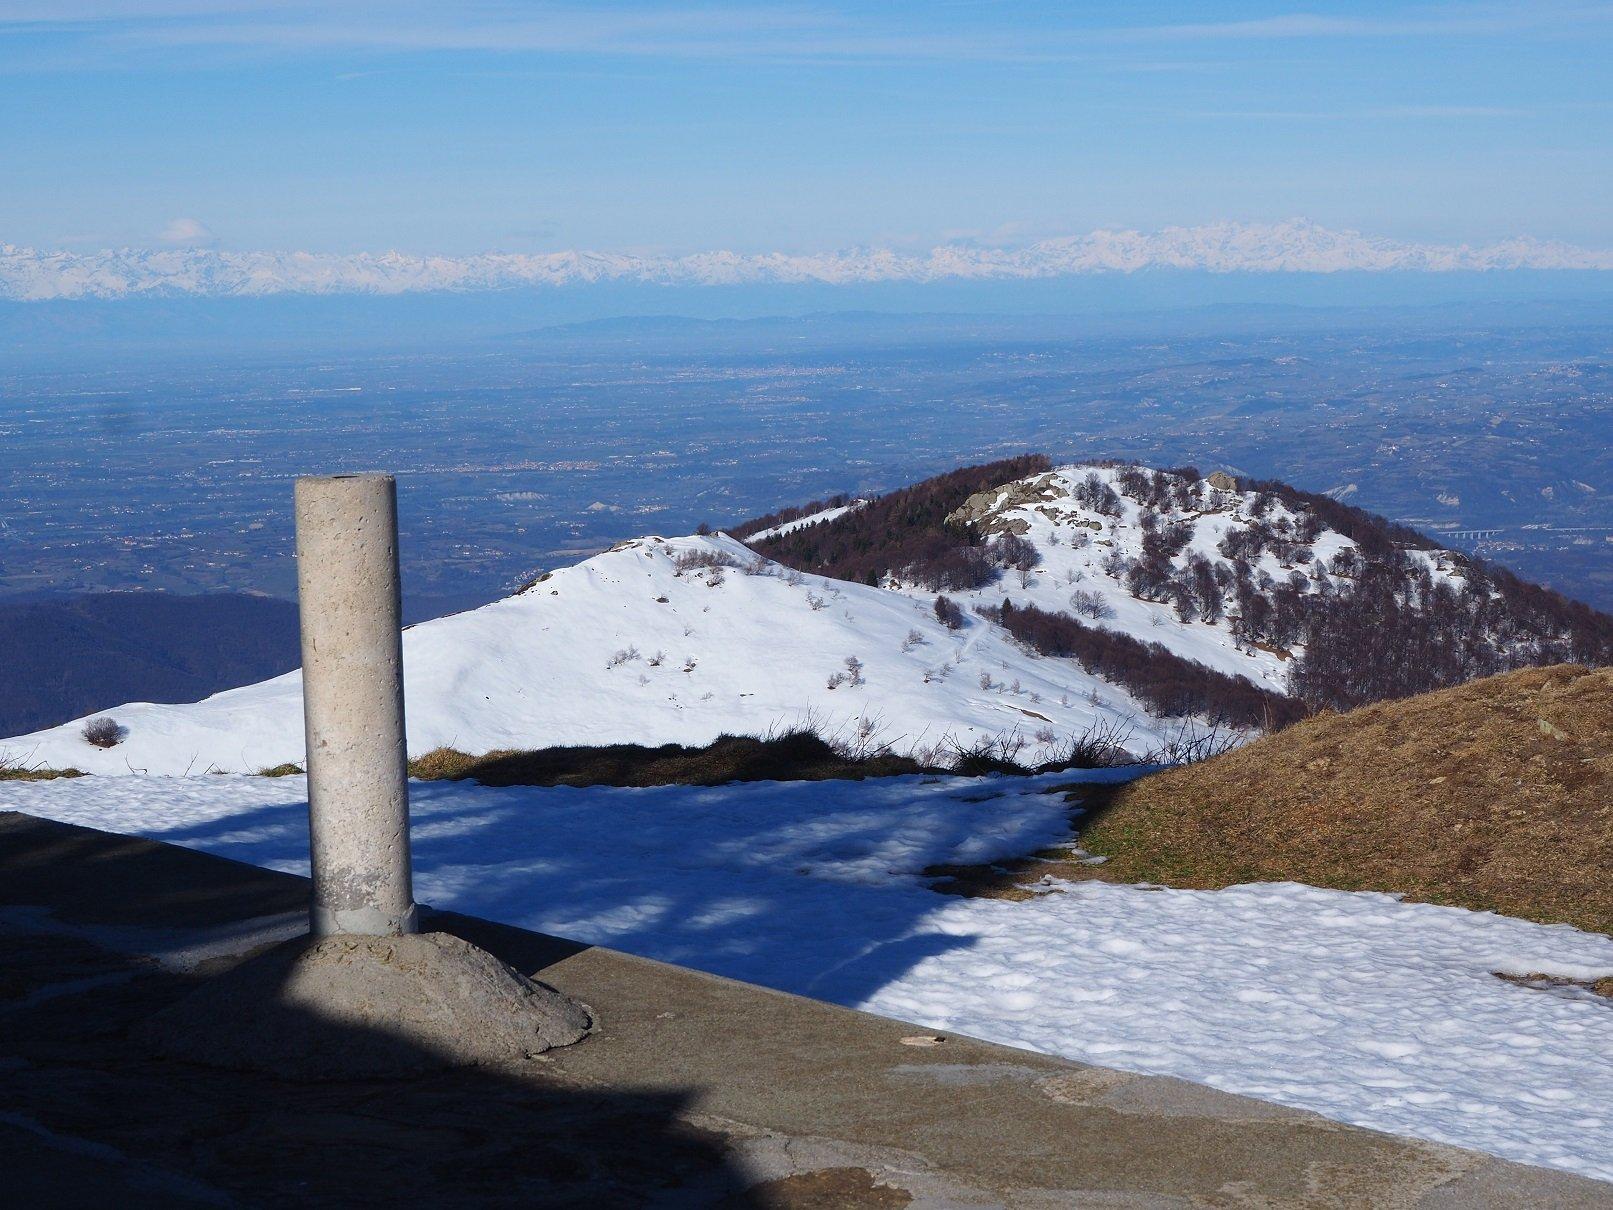 Dalla vetta, oltre la pianura, l'arco alpino. Tutto a destra il Monte Rosa.